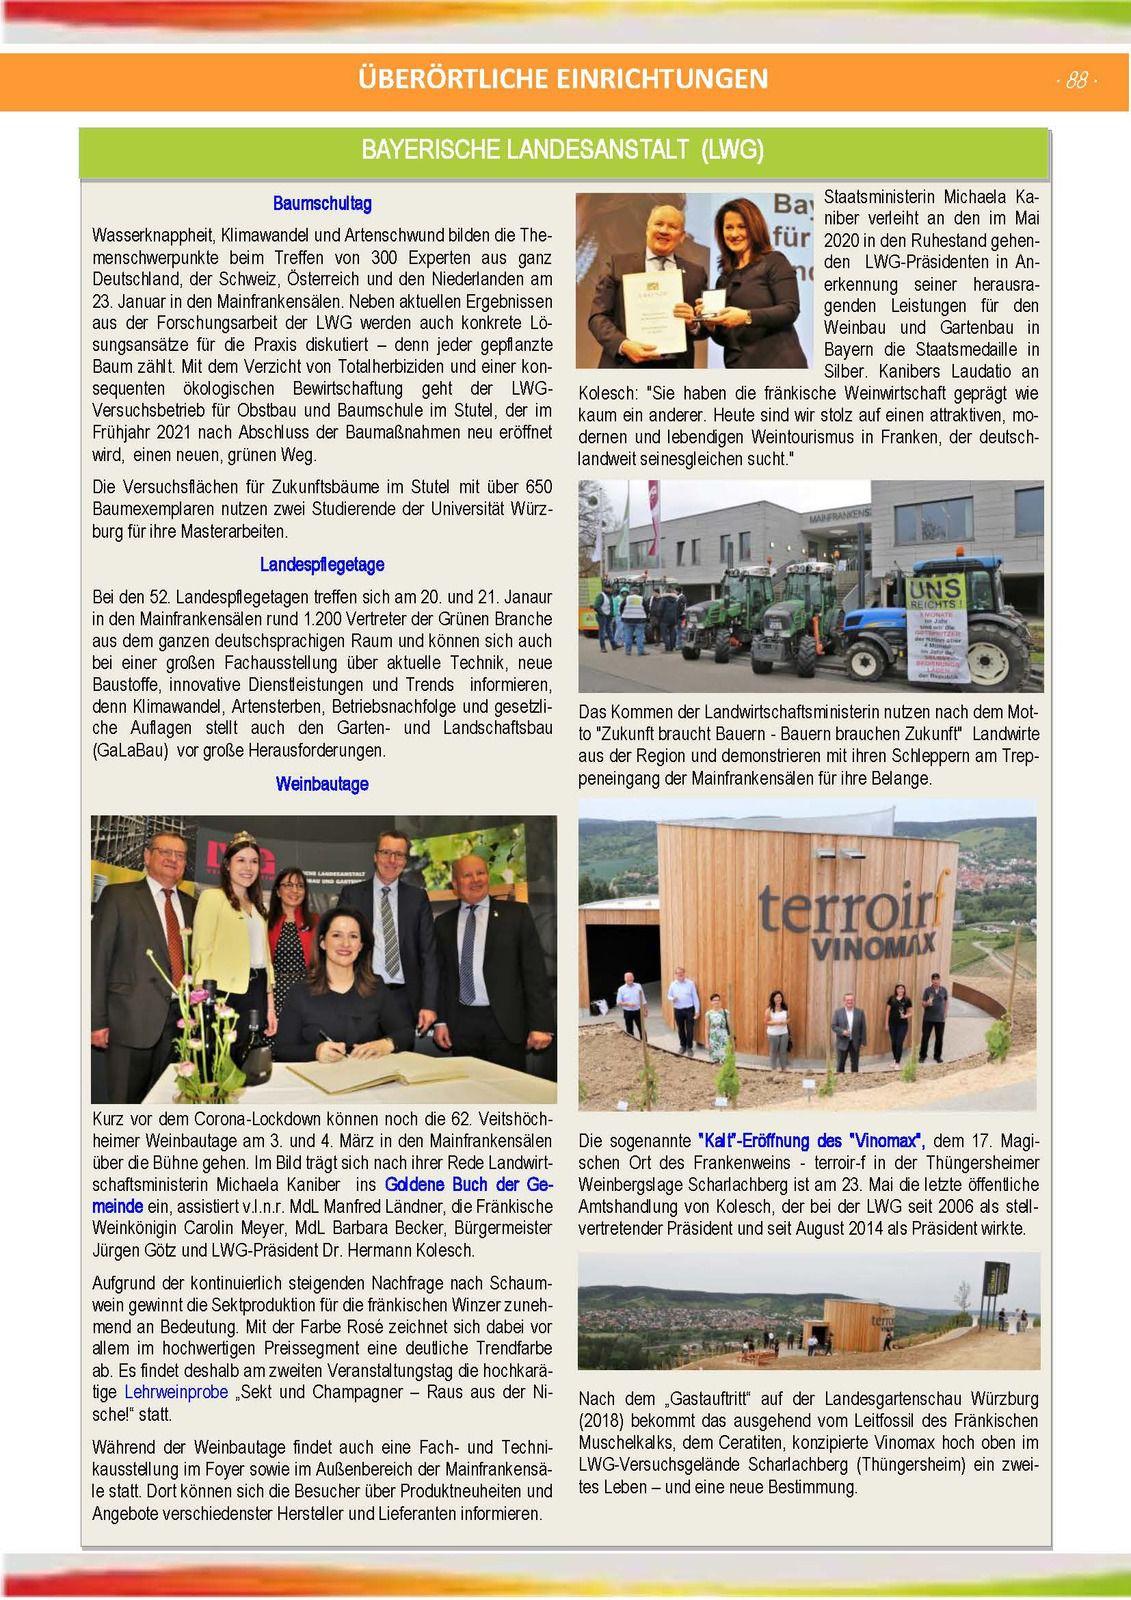 Veitshöchheim im Coronajahr 2020 - Ein Rückblick auf 100 Seiten in der Jahreschronik 2020 der Gemeinde